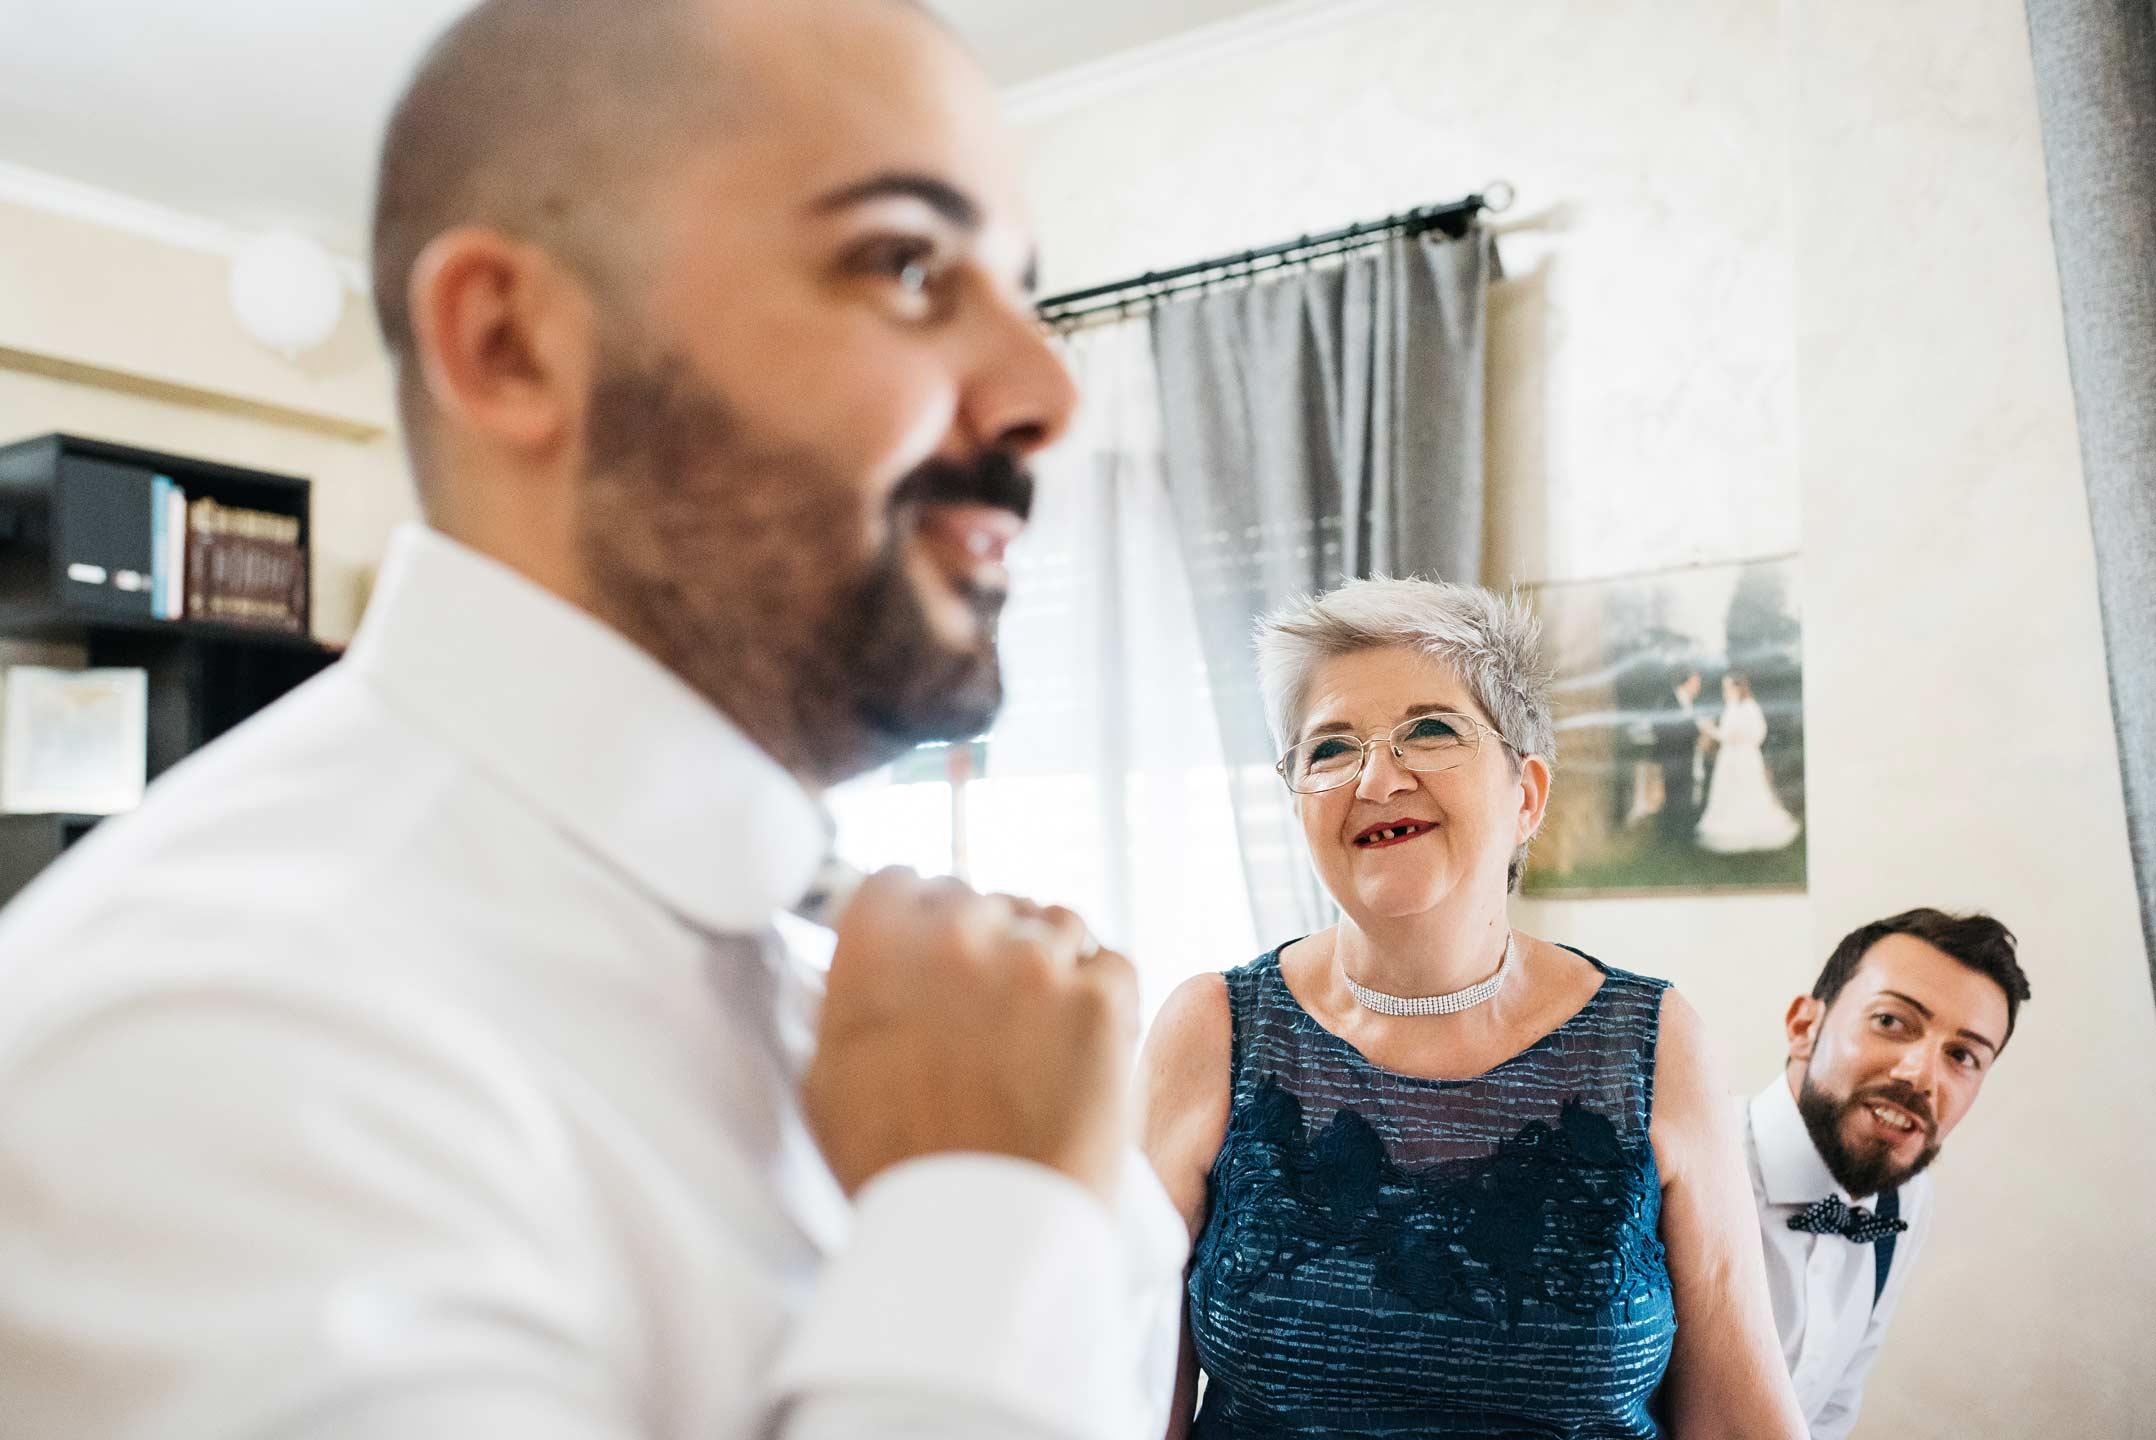 Fotografo-Per-Matrimonio-Roma-Preparativi-Sposo